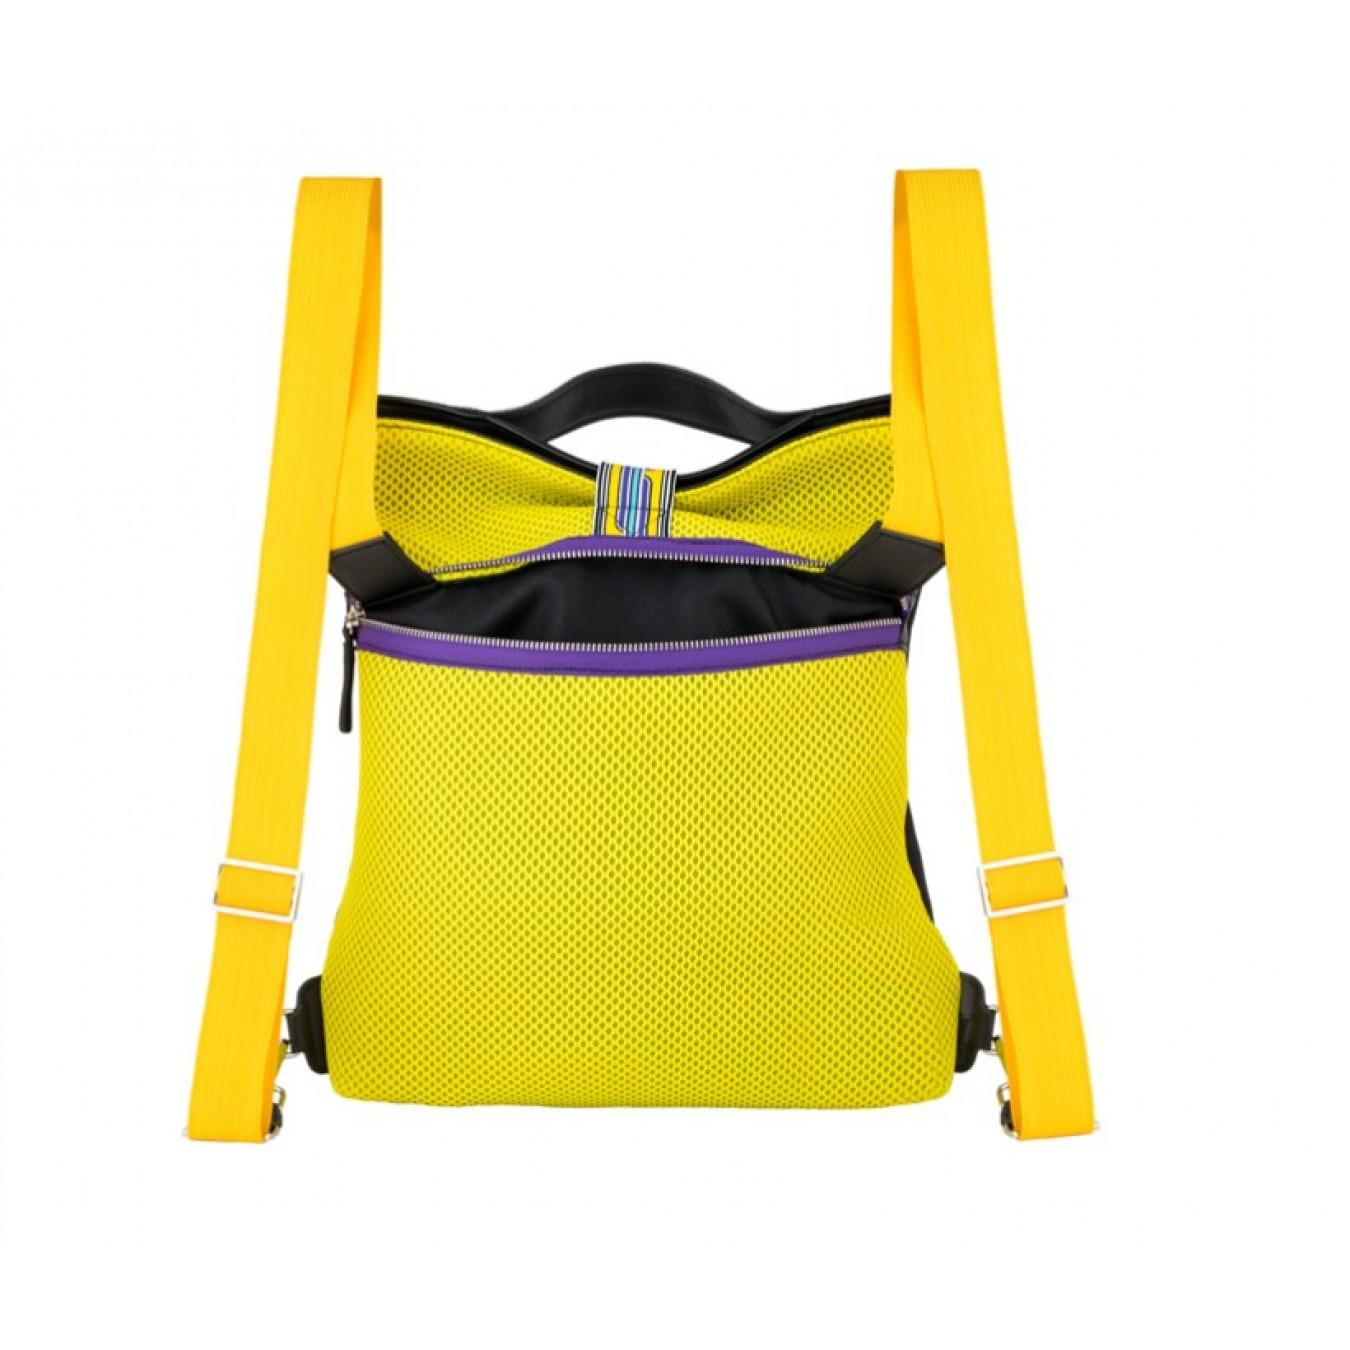 0a4c02be71 ... Vespa τσάντα V-Stripes κίτρινη Τσάντες   Σακίδια   Βαλίτσες ...